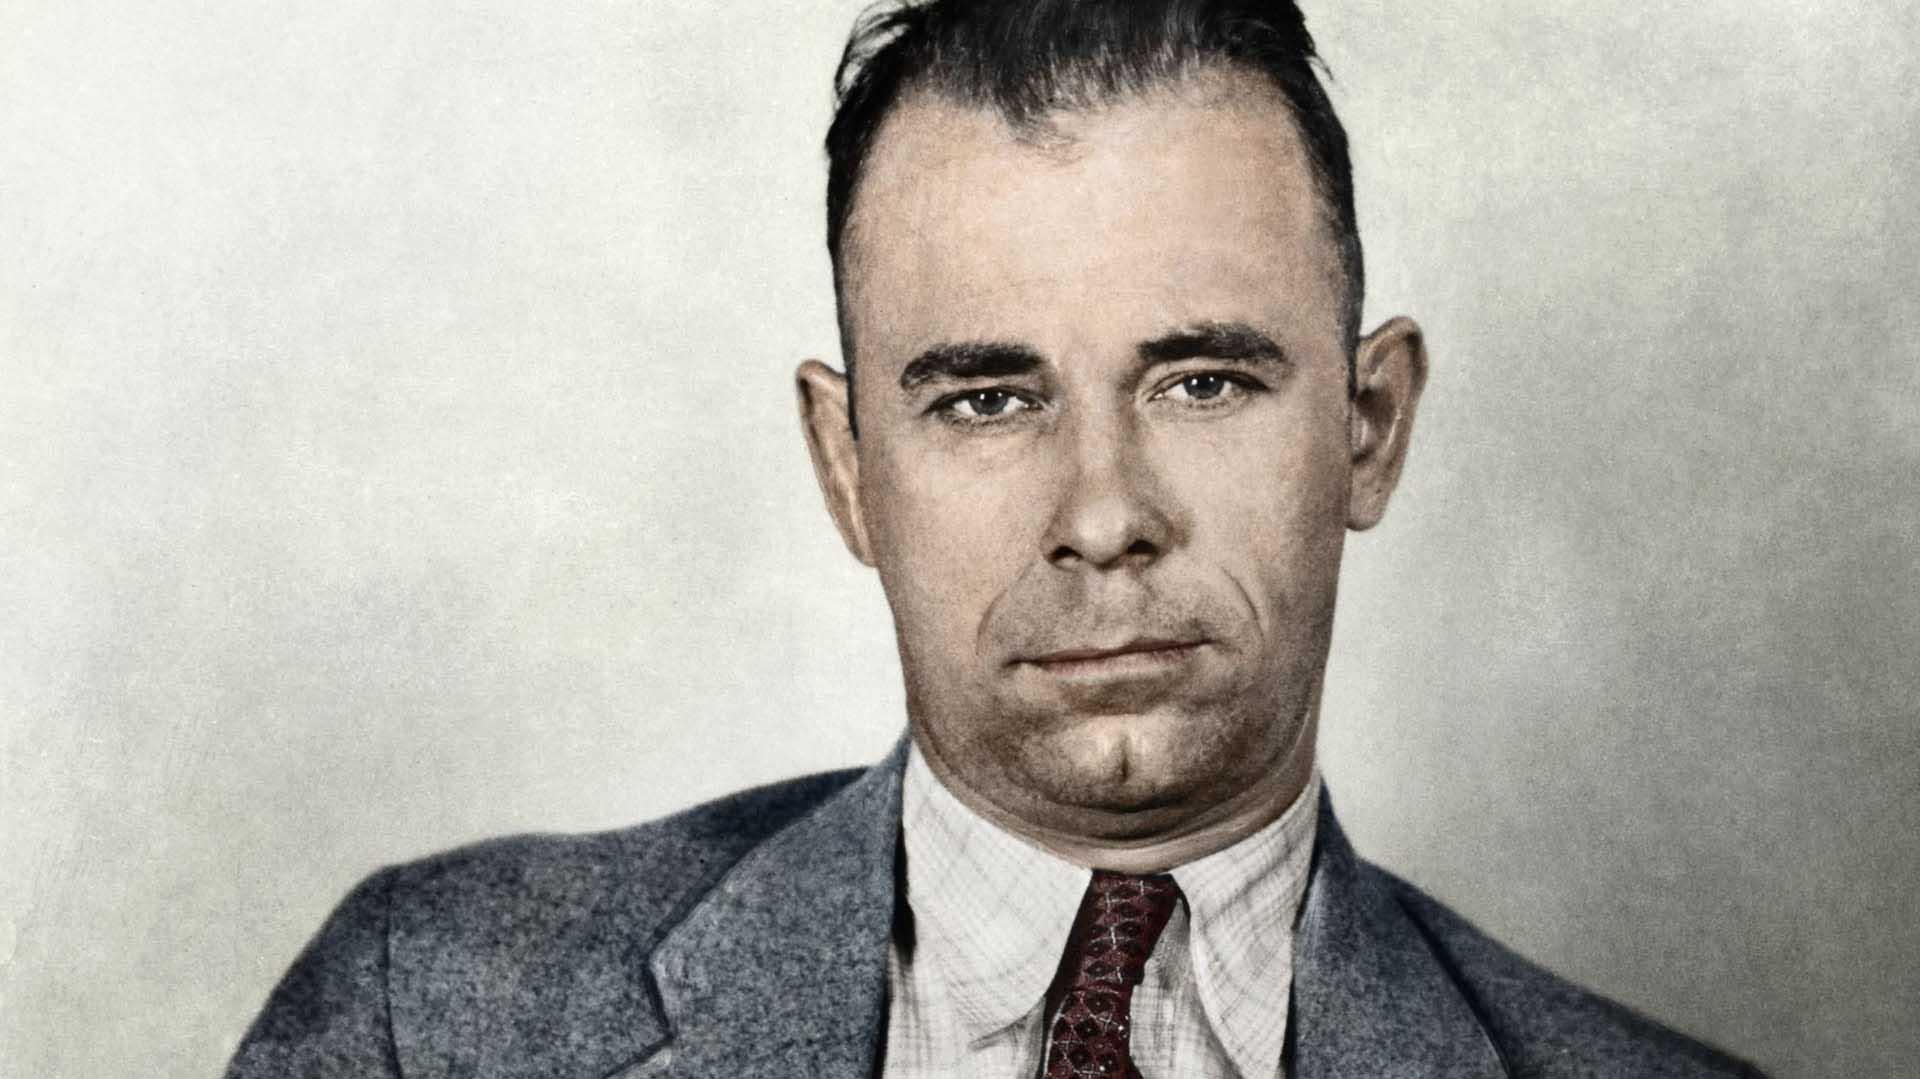 La historia detrás de John Dillinger, el enemigo público número uno